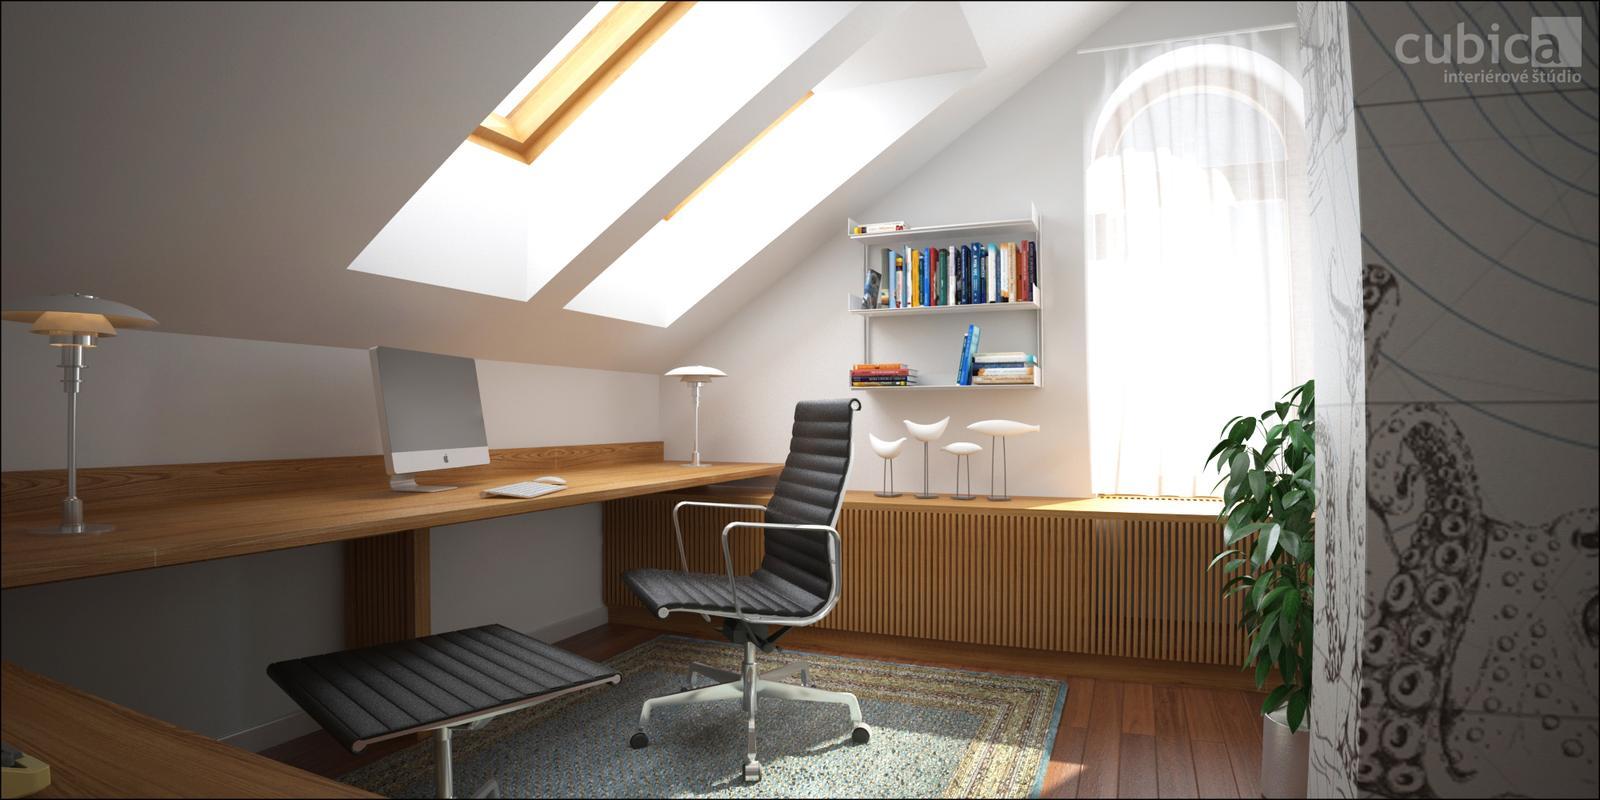 Návrh interiéru domácej pracovne - domáca pracovňa - interiérový dizajn